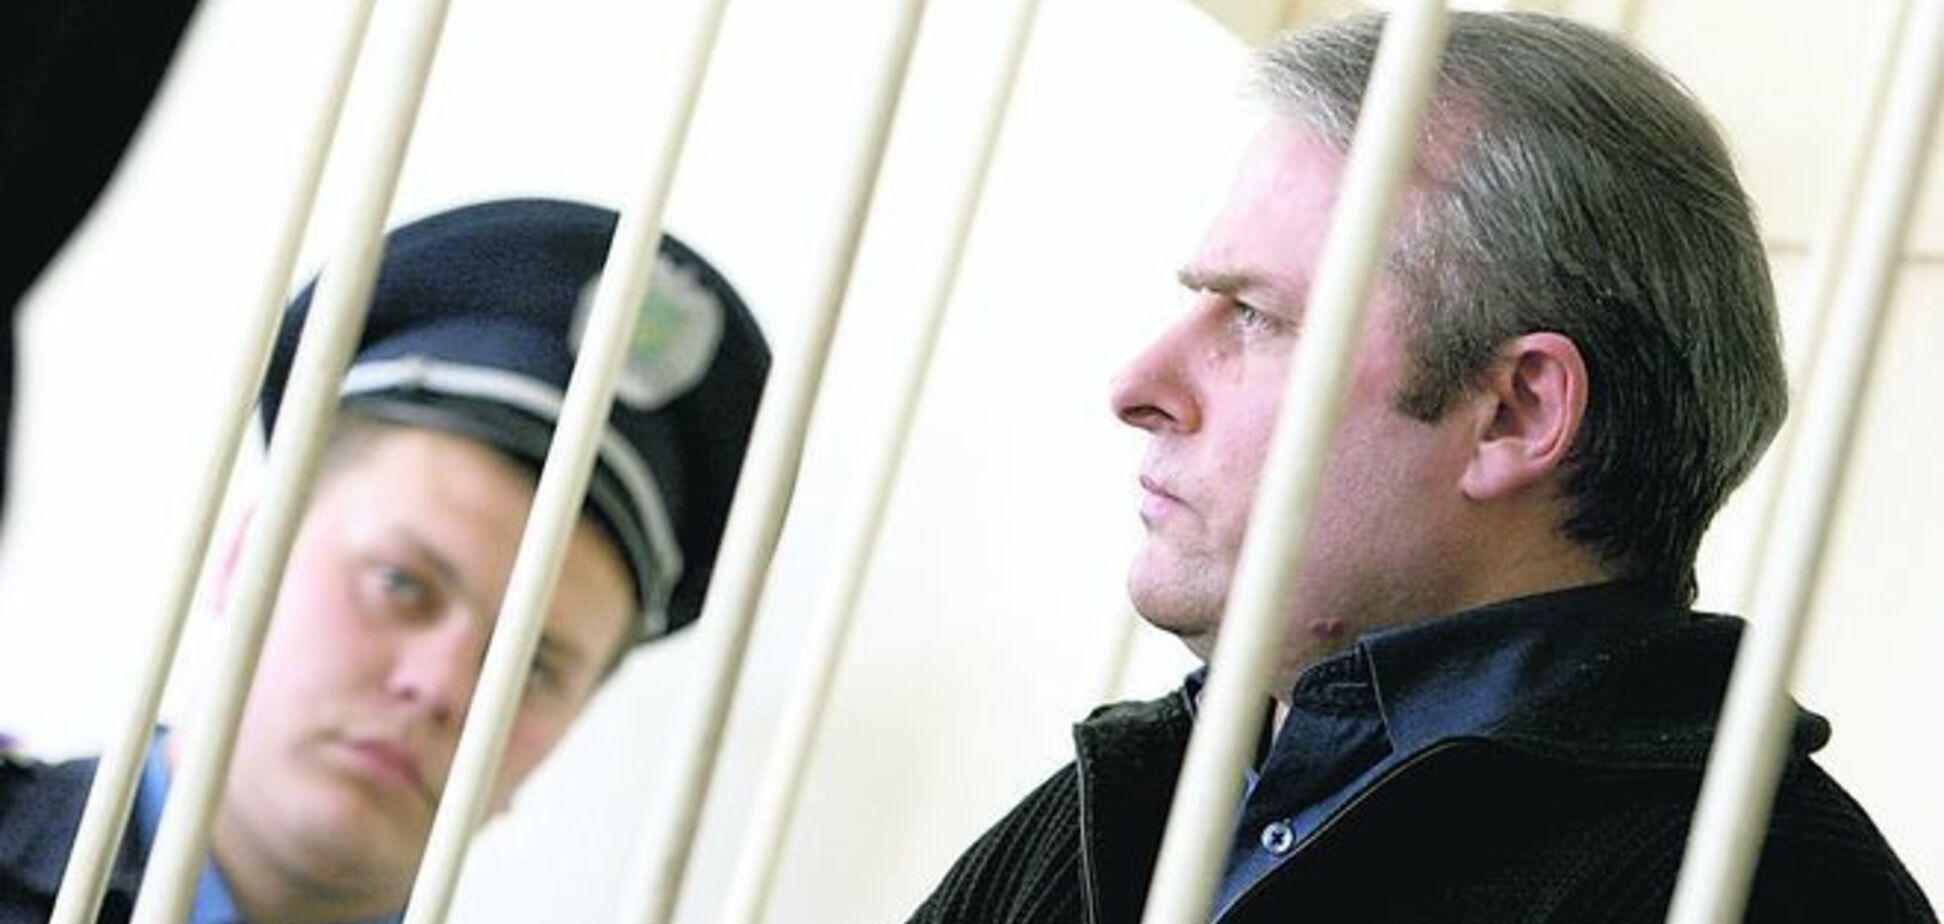 Генпрокуратура объявила о подозрении экс-прокурору Киевщины из-за незаконного освобождения Лозинского